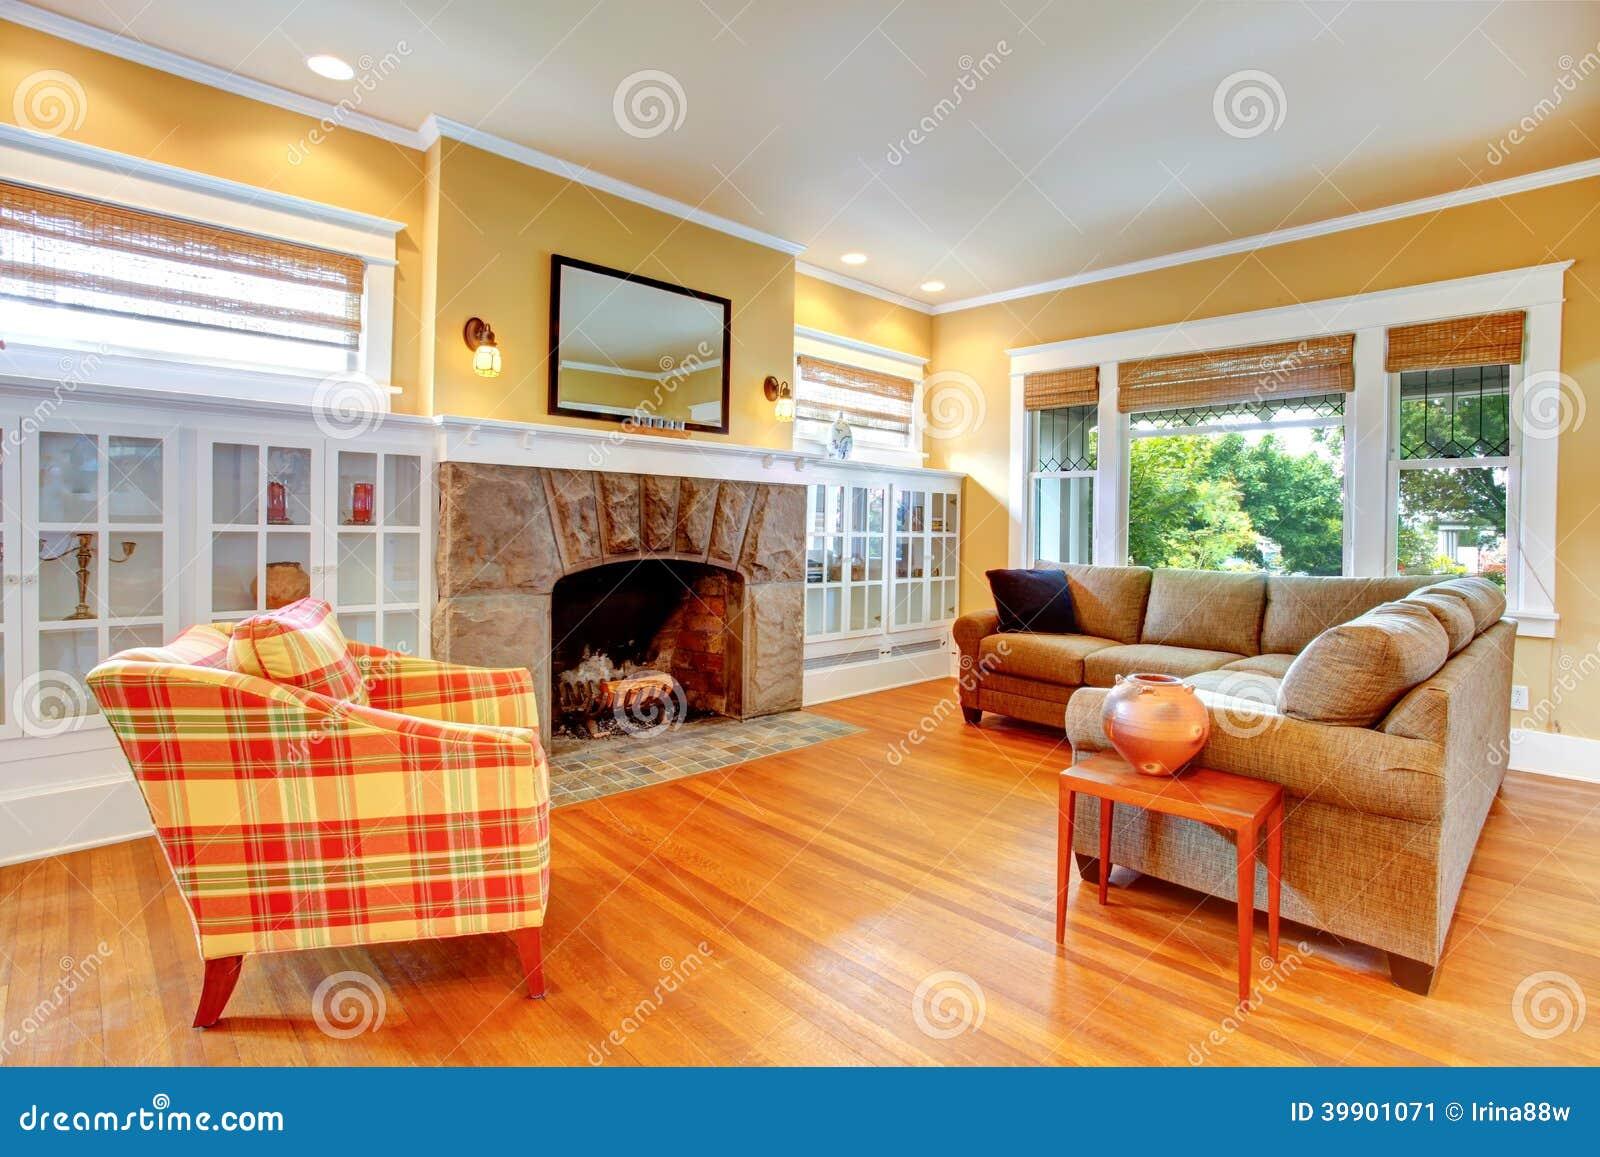 Hausinnenraum. Gelbes Wohnzimmer Mit Kamin Stockbild - Bild von ...